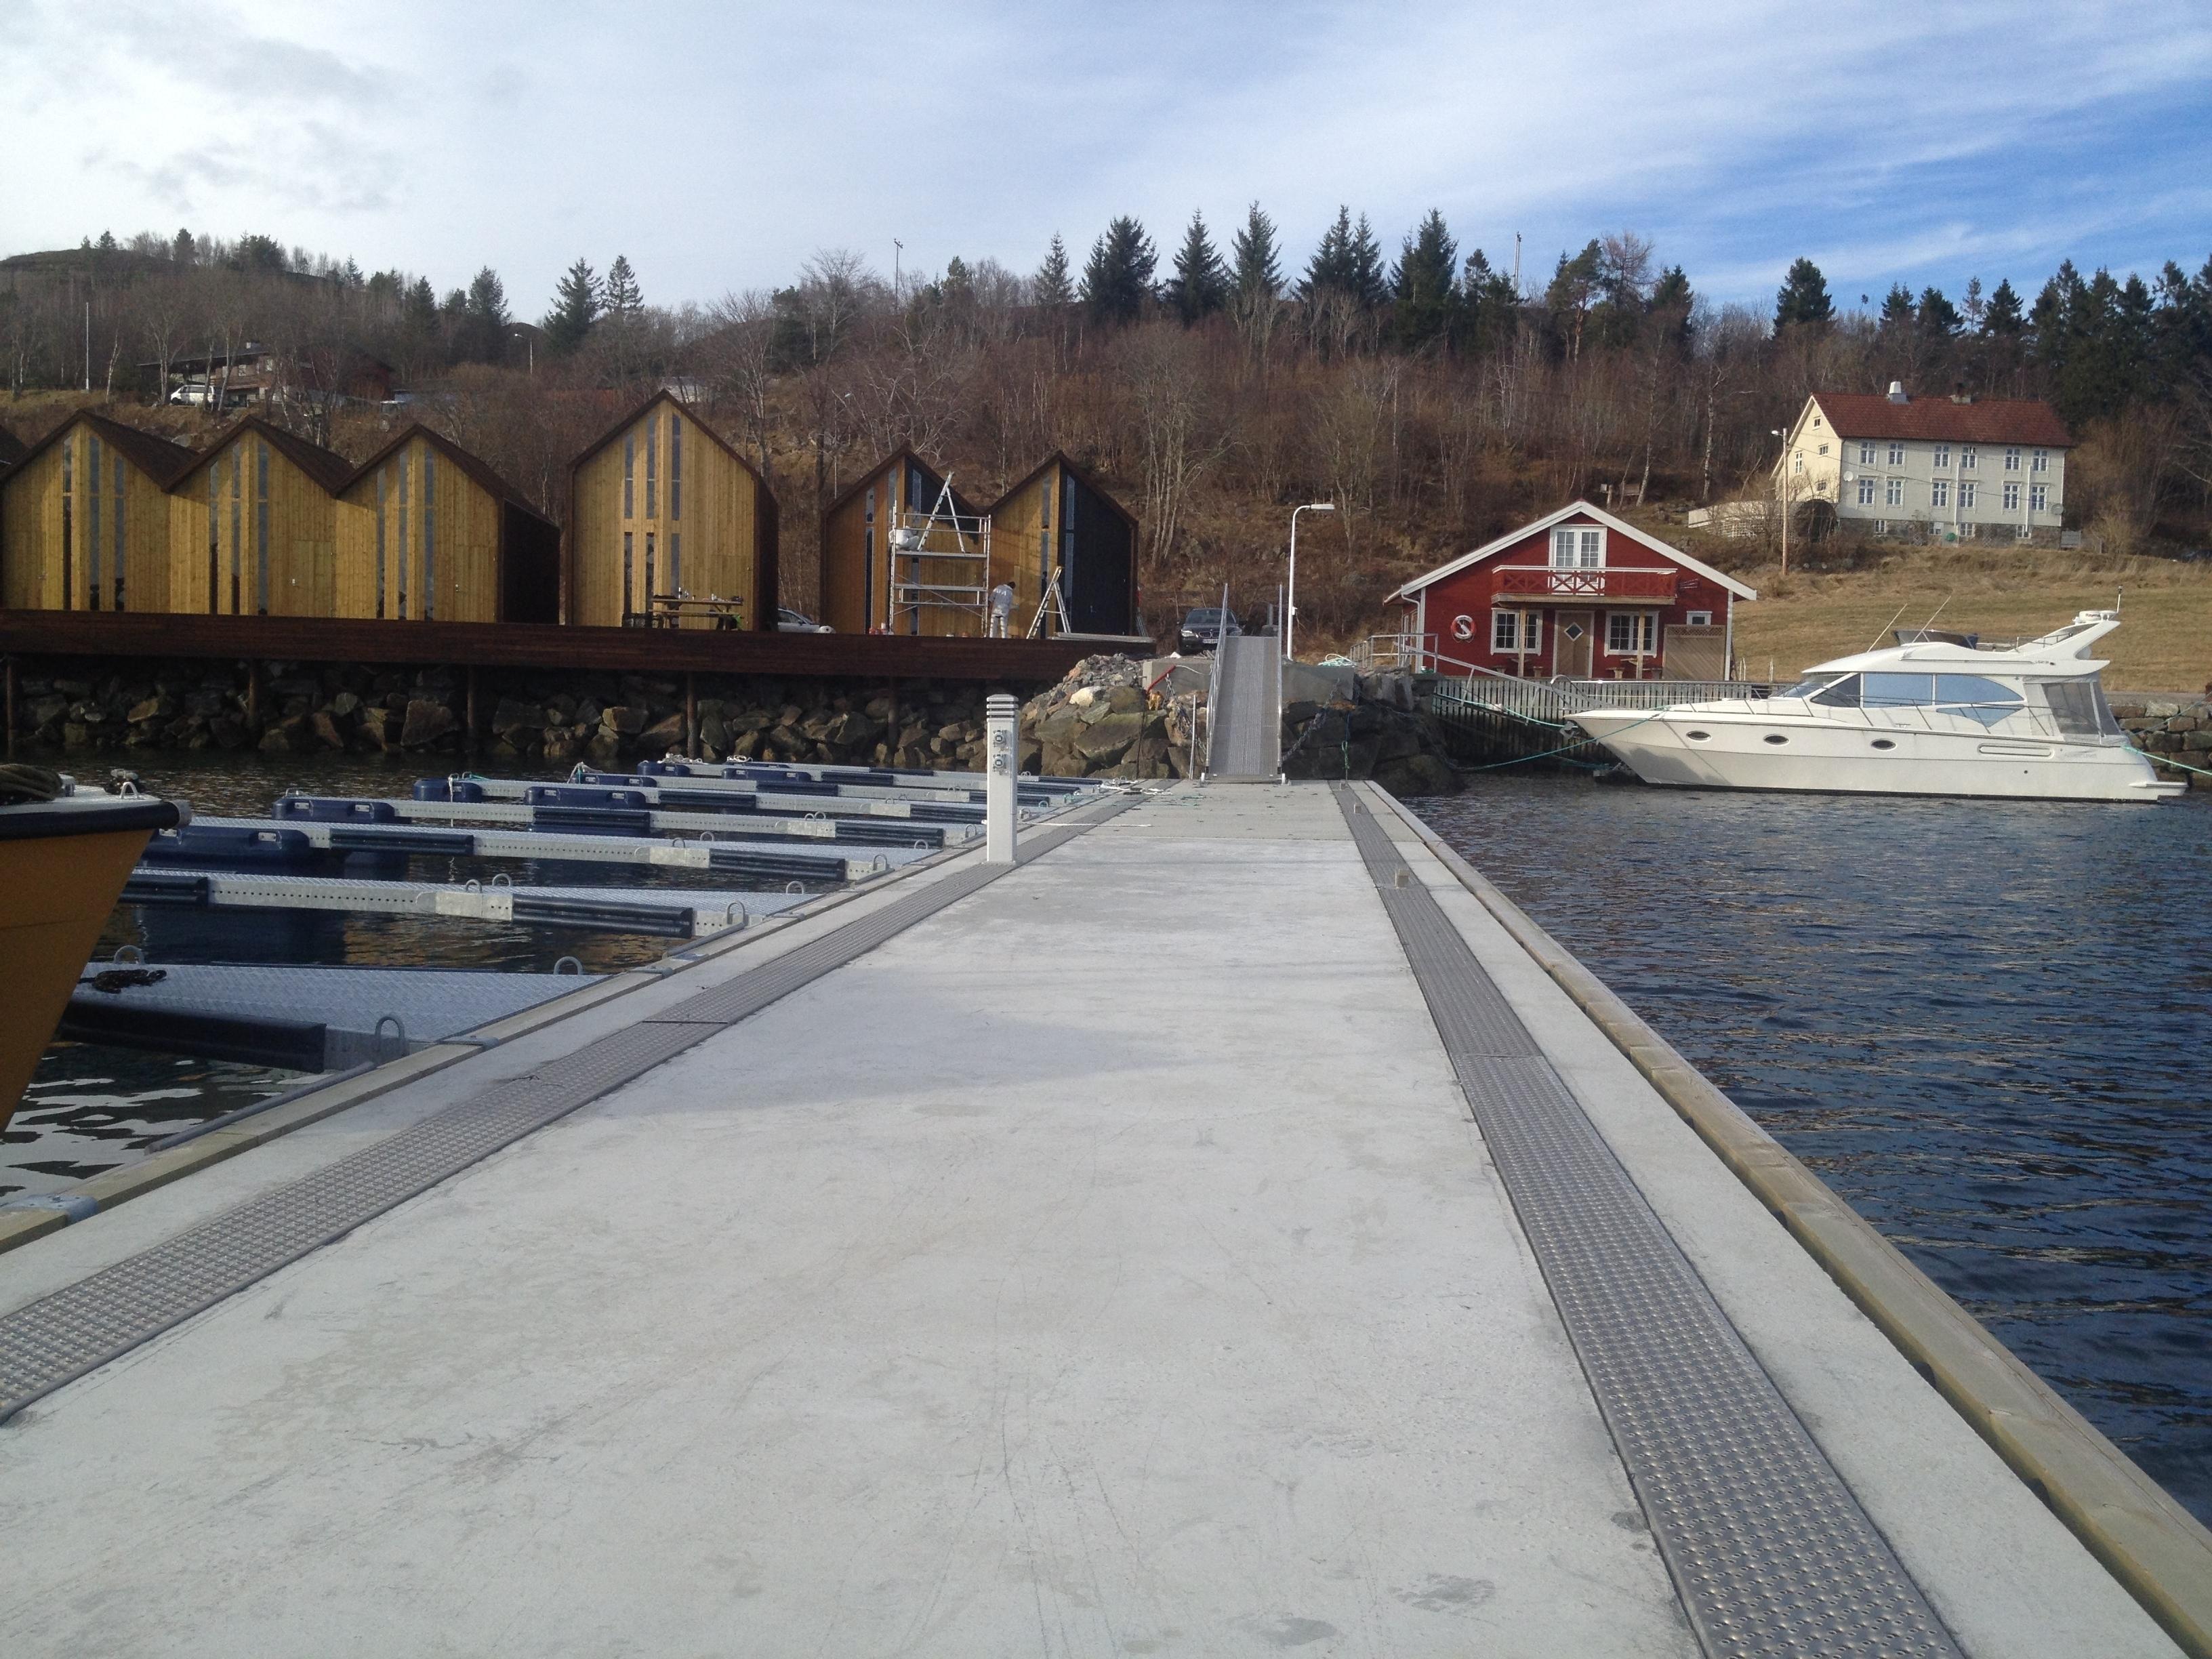 https://marinasolutions.no/uploads/Henda-Småbåtlag_Rennebrygge-4.JPG